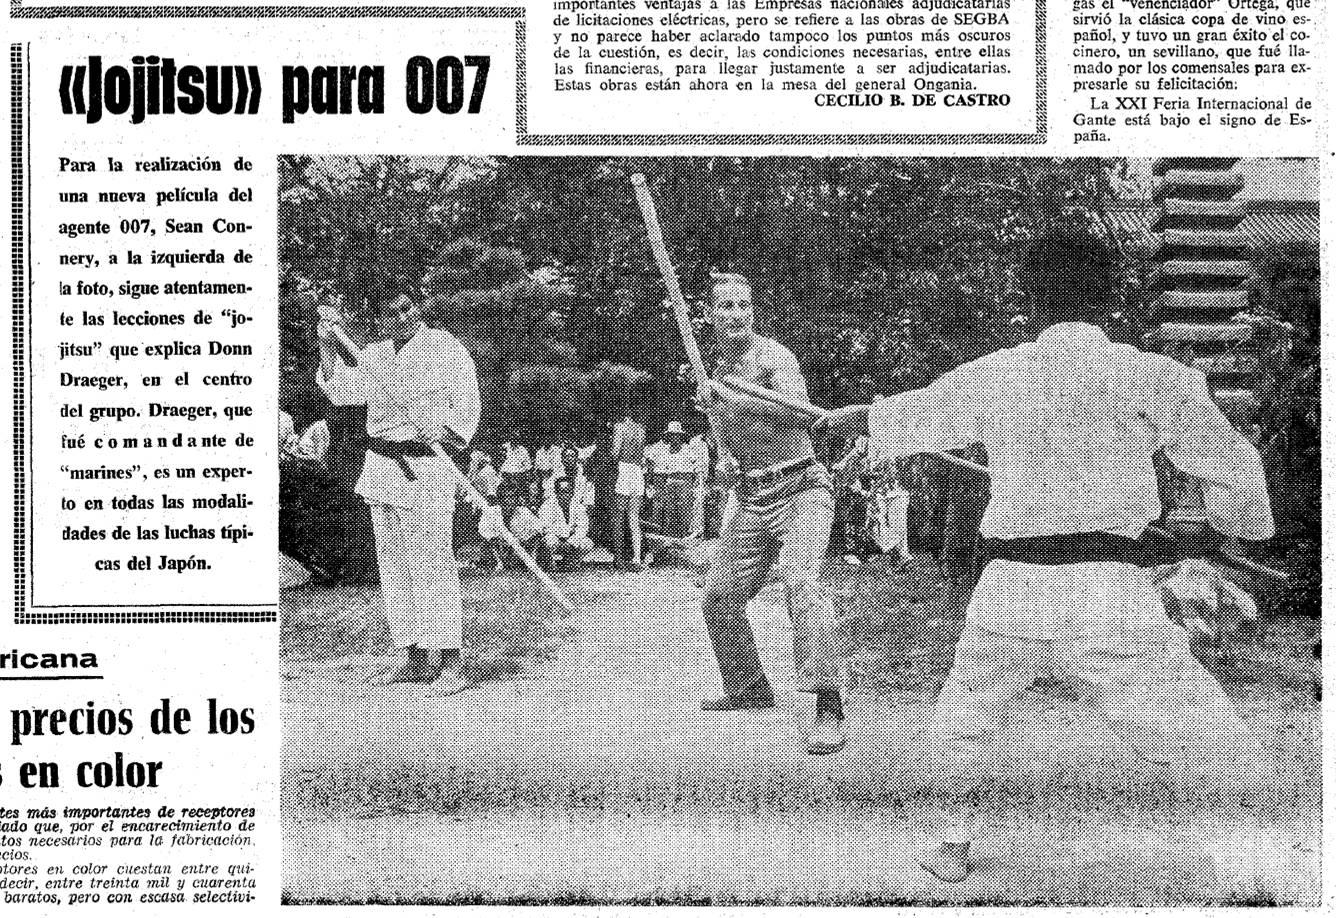 05-1966-09-13-Diario-Madrid-Jojitsu.jpg